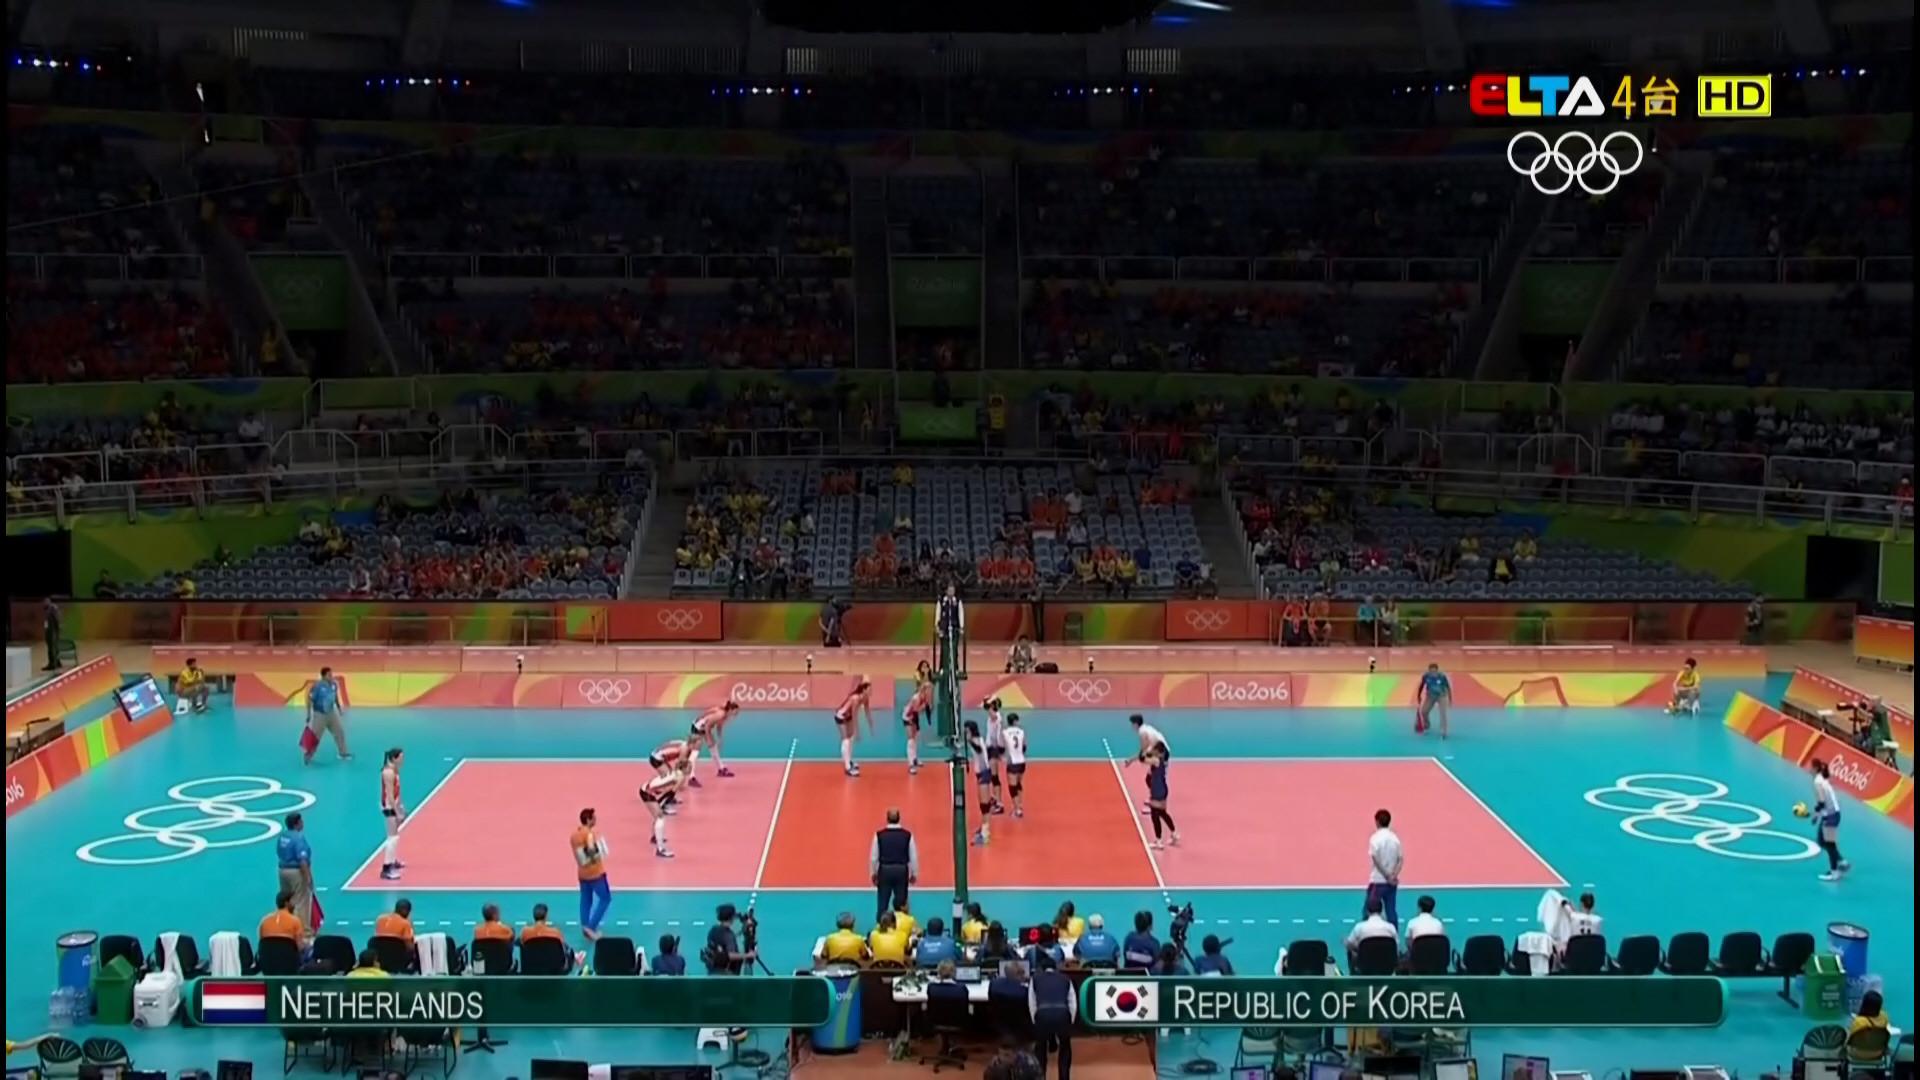 里约奥运会排球比赛用的什么地板